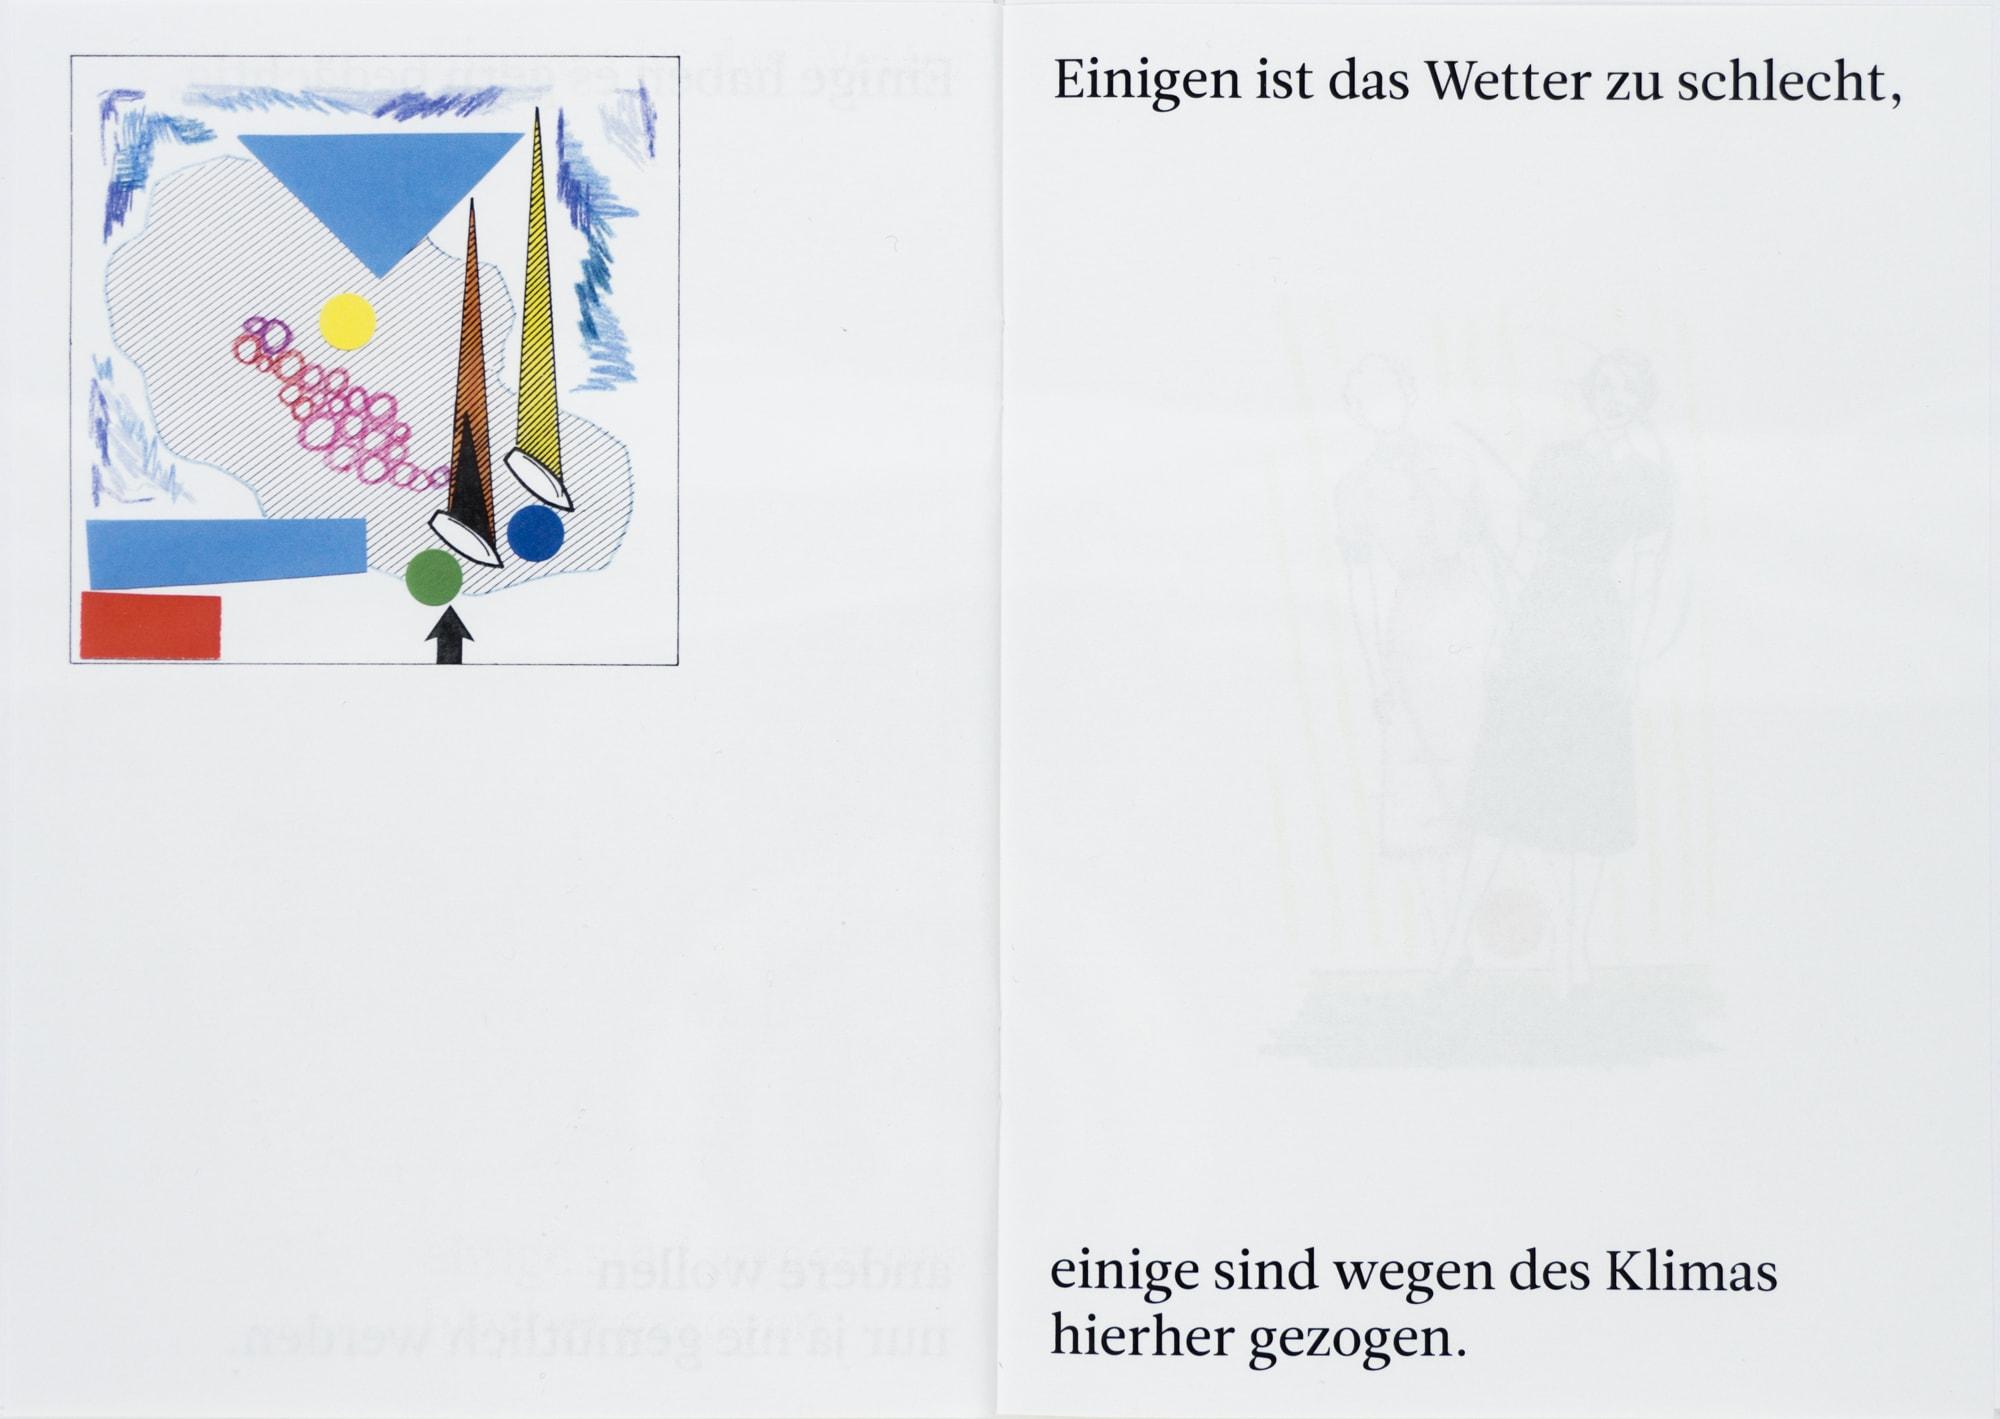 Digitaldruck, 14,3x20,1cm, Seite aus gleichnamigem Buch, Künstlerin: Franziska King